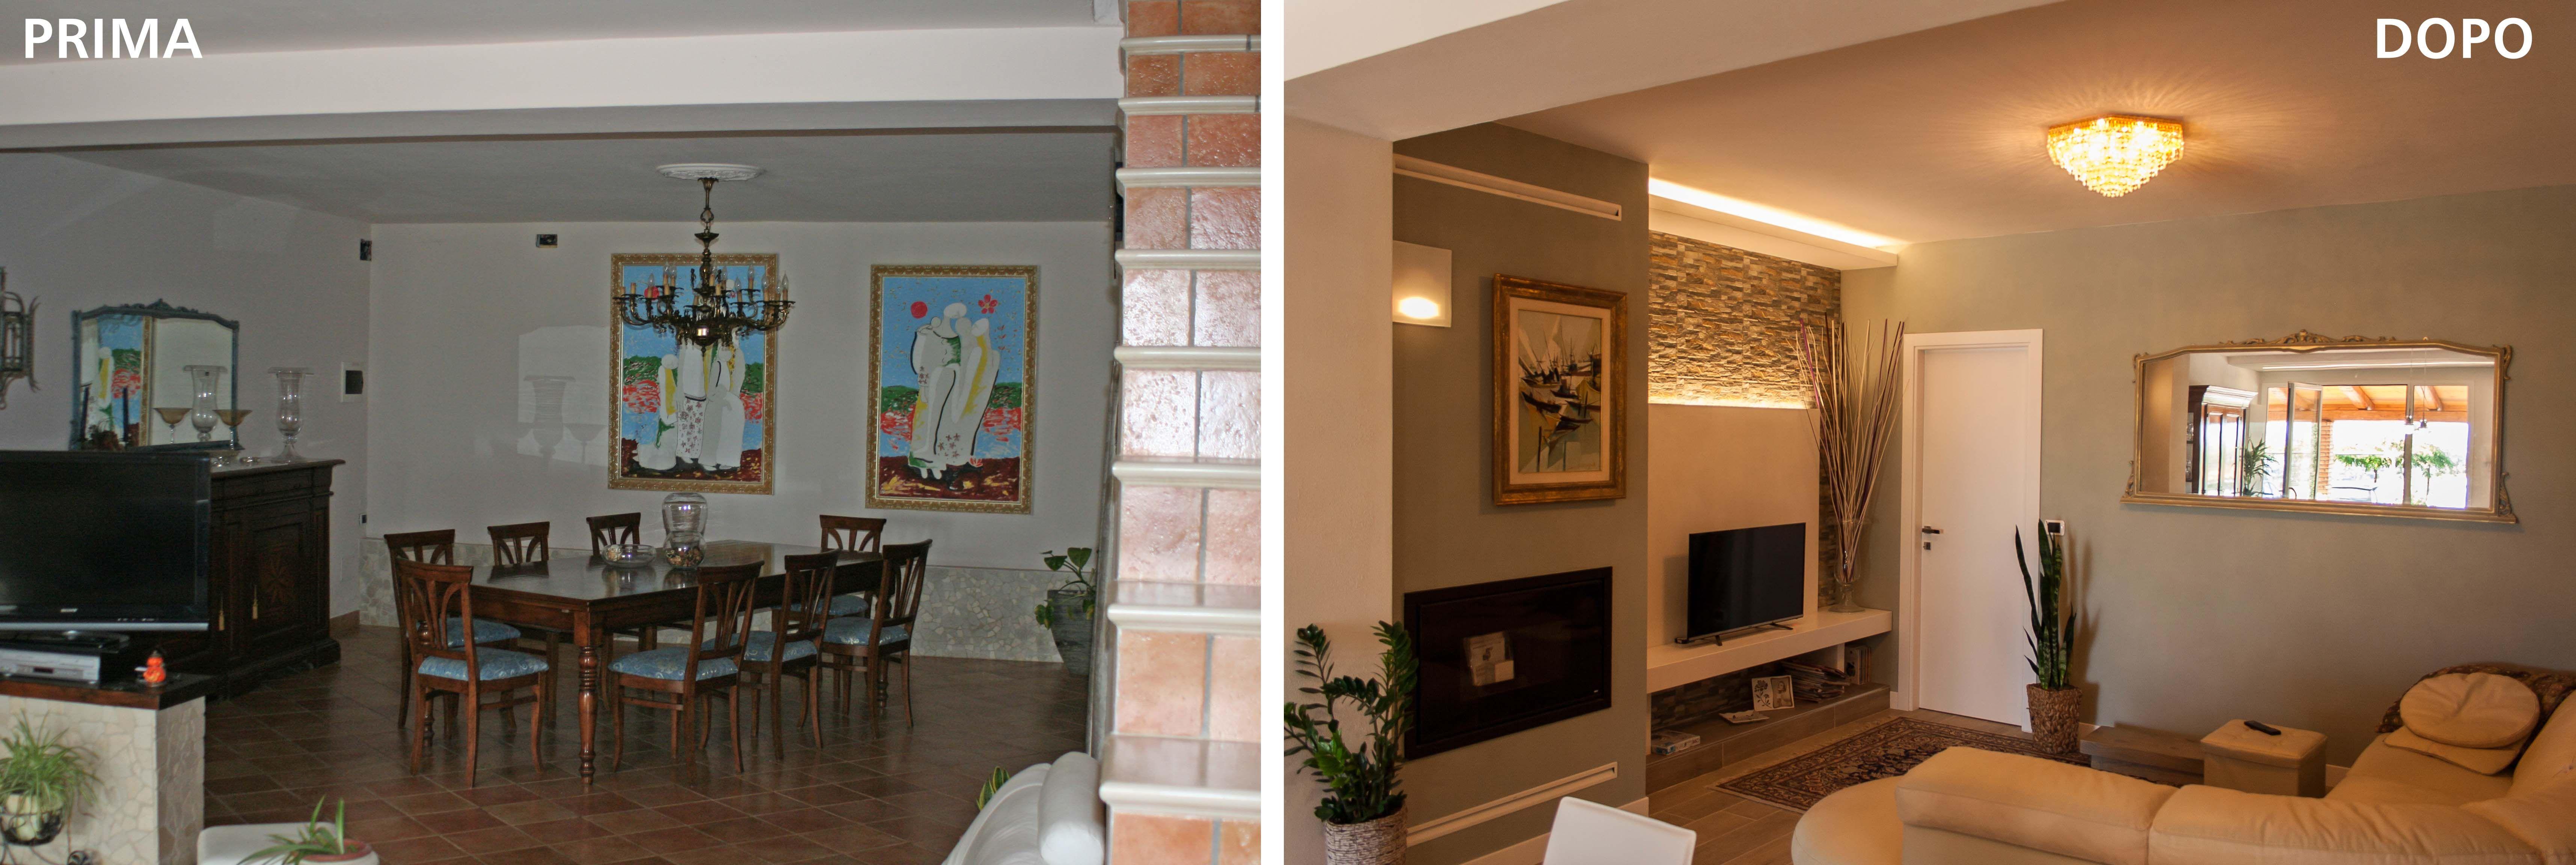 Ristrutturazione casa di campagna prima e dopo casa di - Ristrutturazione casa campagna ...